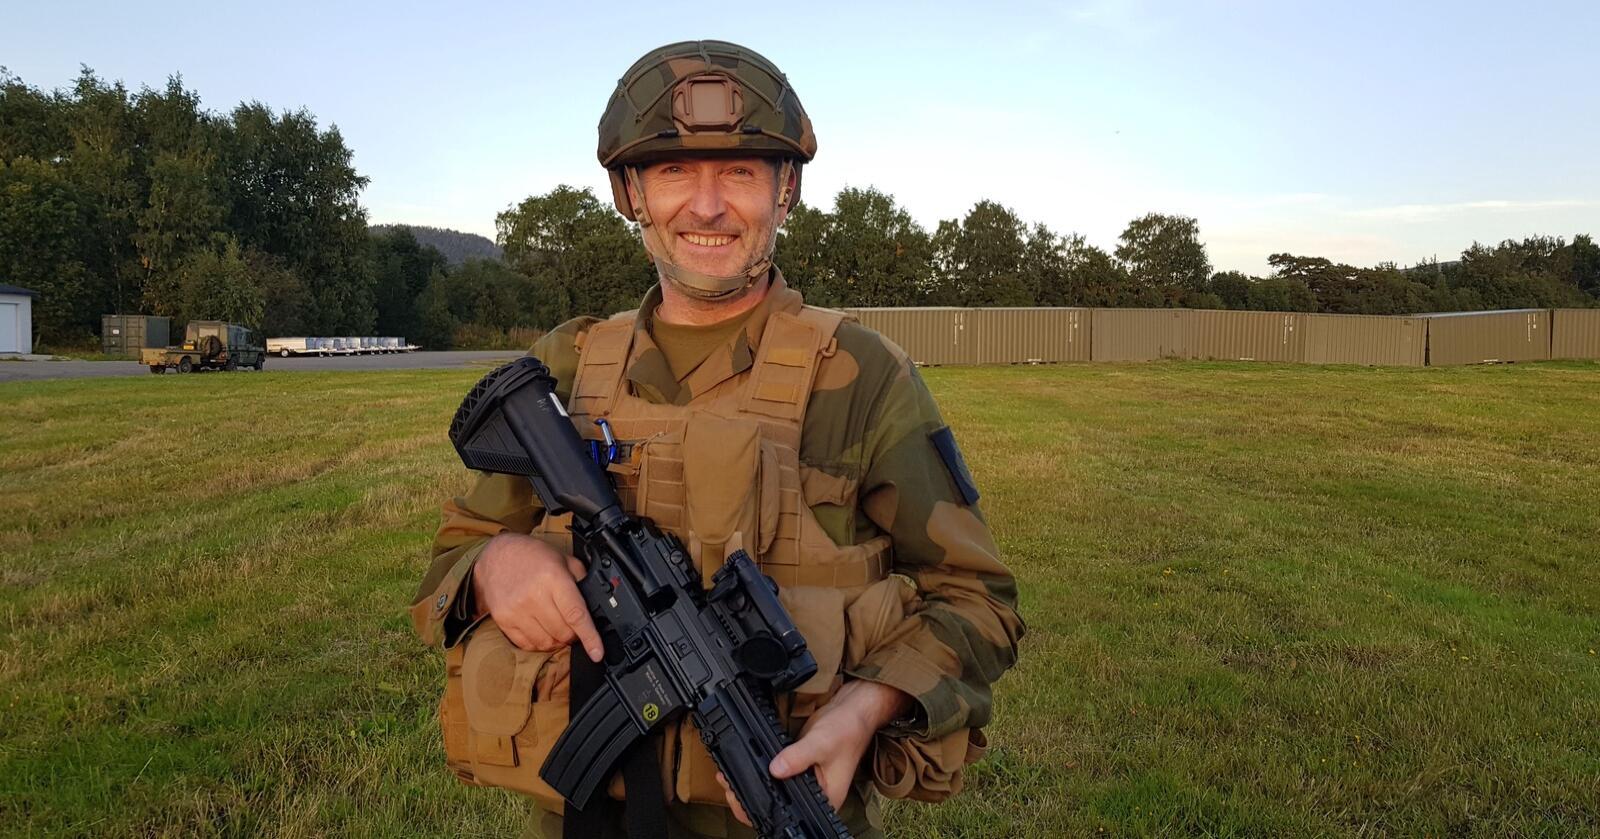 Lars Bugge Aarset, HV-soldaten som utfordret staten og vant i feriepengesaken, kan bli sittende igjen med kjemperegning. Foto: Privat